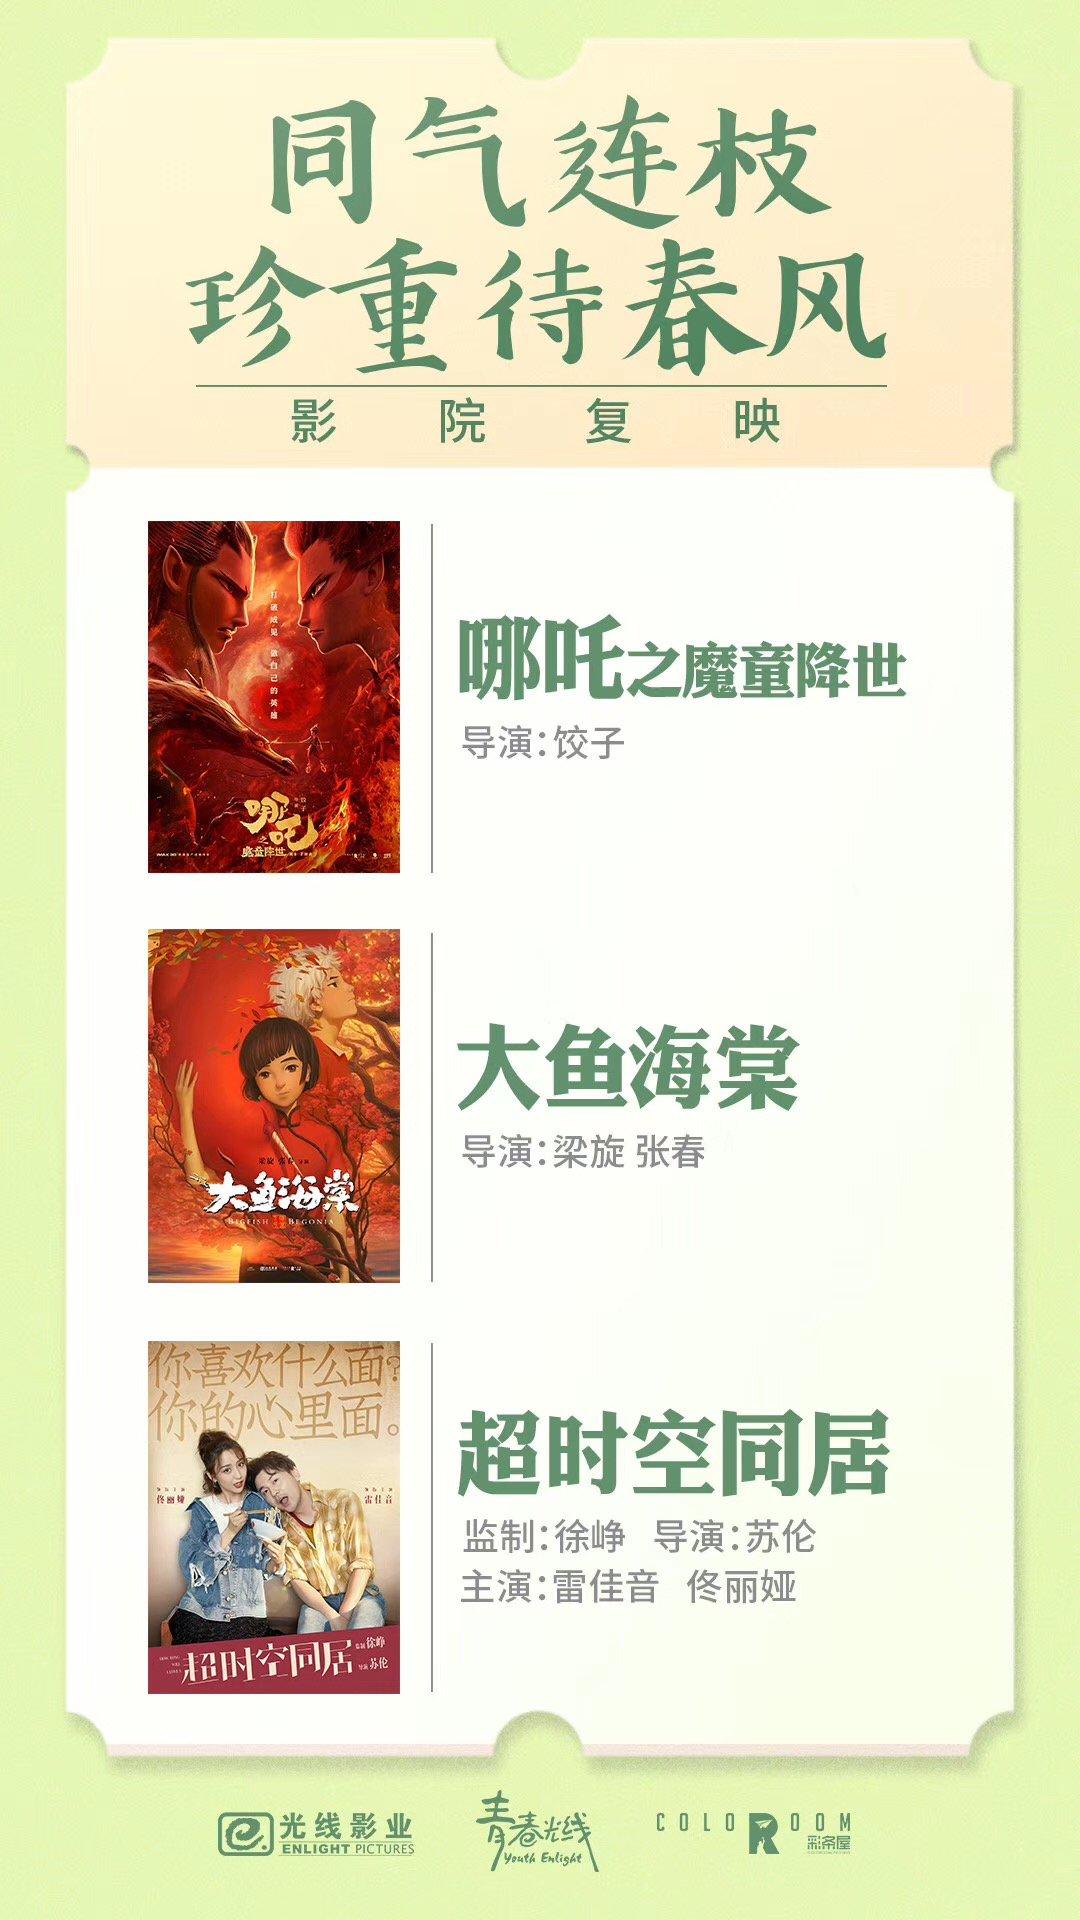 《哪吒之魔童降世》等三部电影今日复映